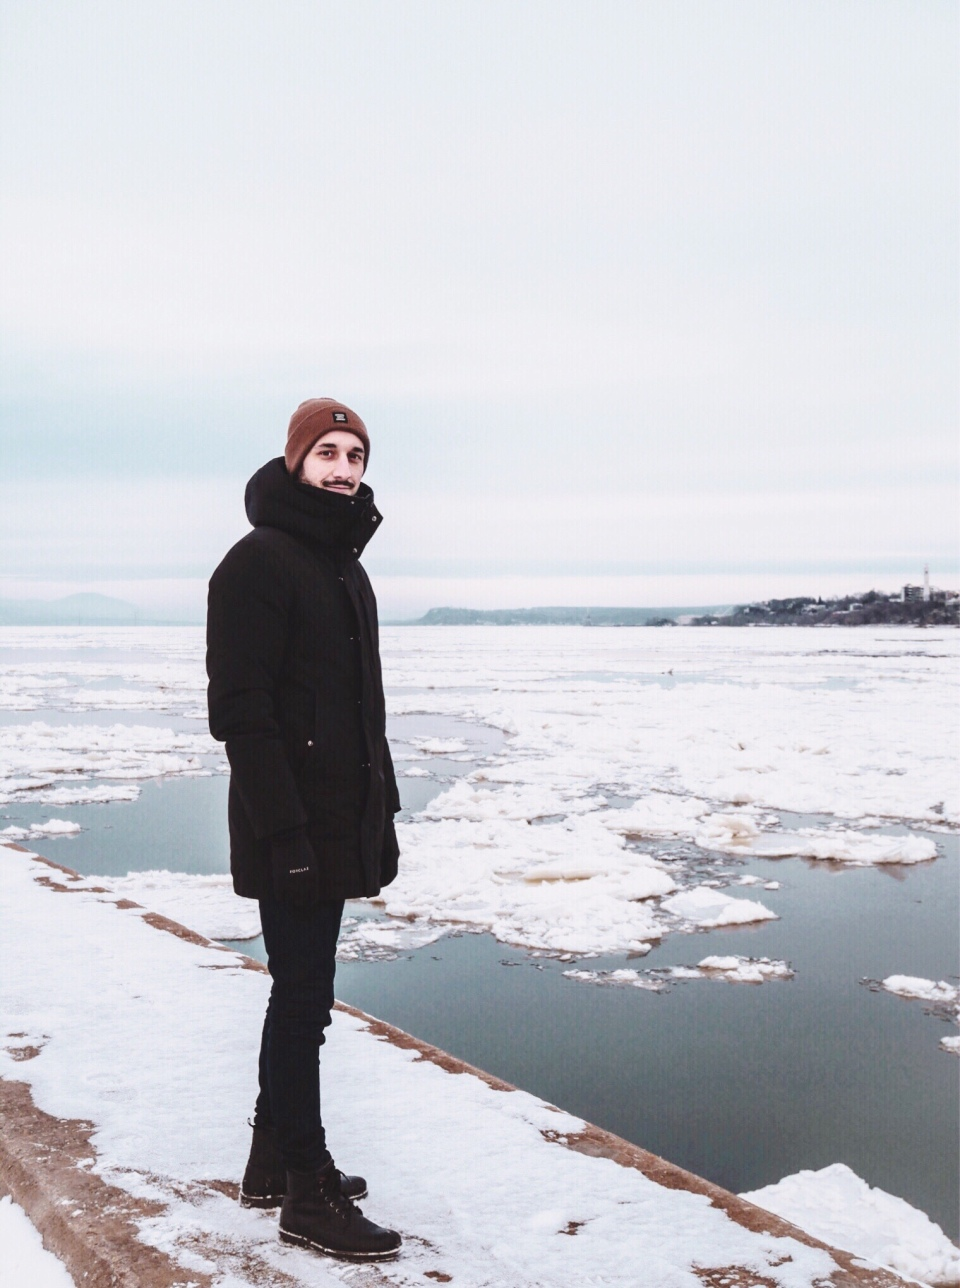 Fleuve Saint-Laurent gelé - L'Hiver à Montréal, Canada - Blog Voyage Ma Folie Vagabonde